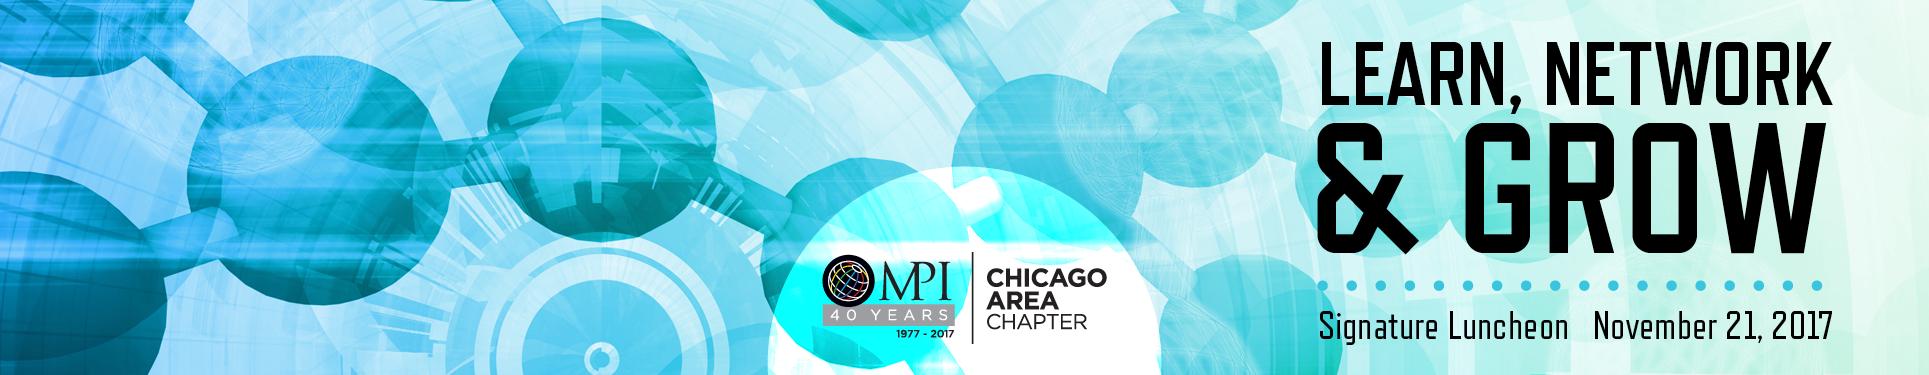 MPI-CAC Signature Luncheon 2017